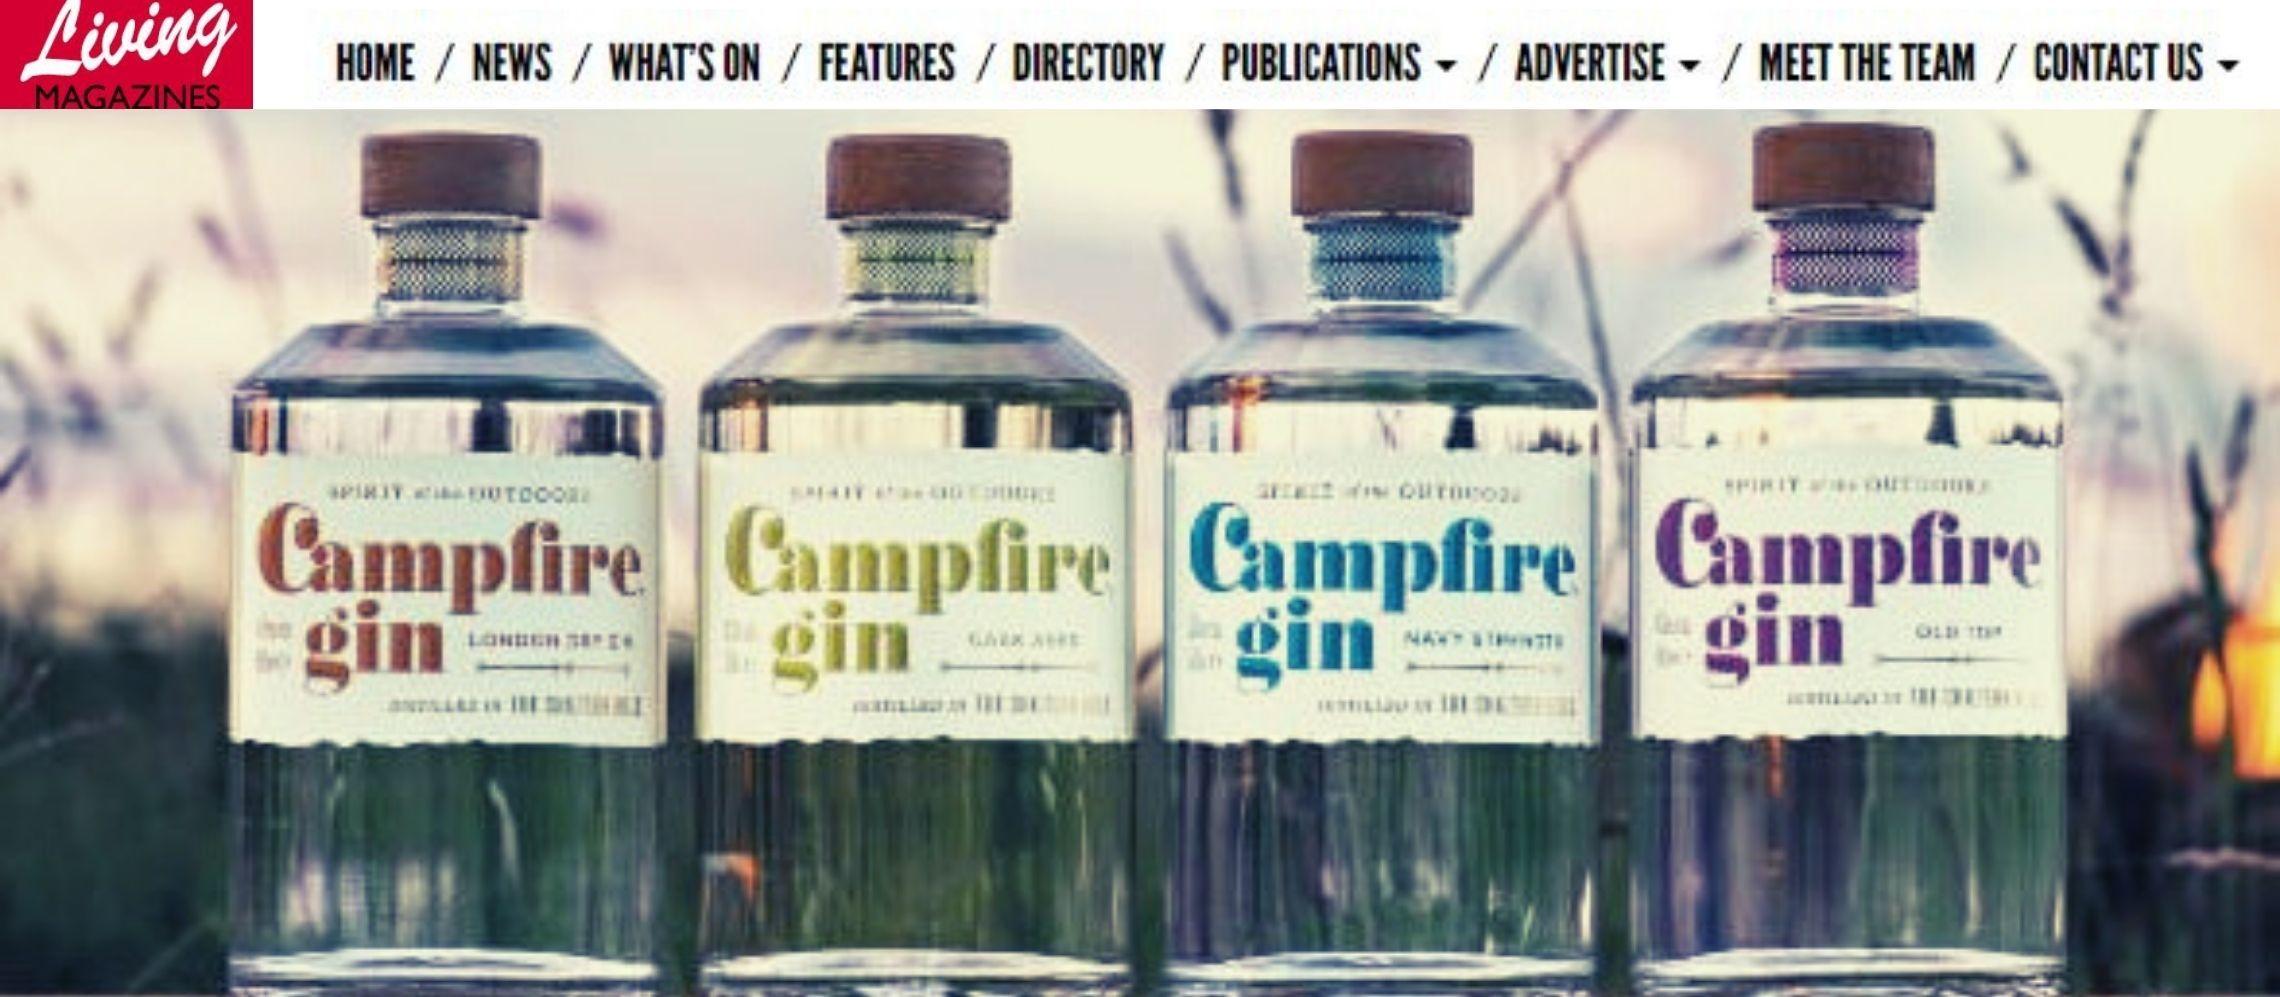 Photo for: Campfire Gin Wins Four Medals Via Living Magazines PR